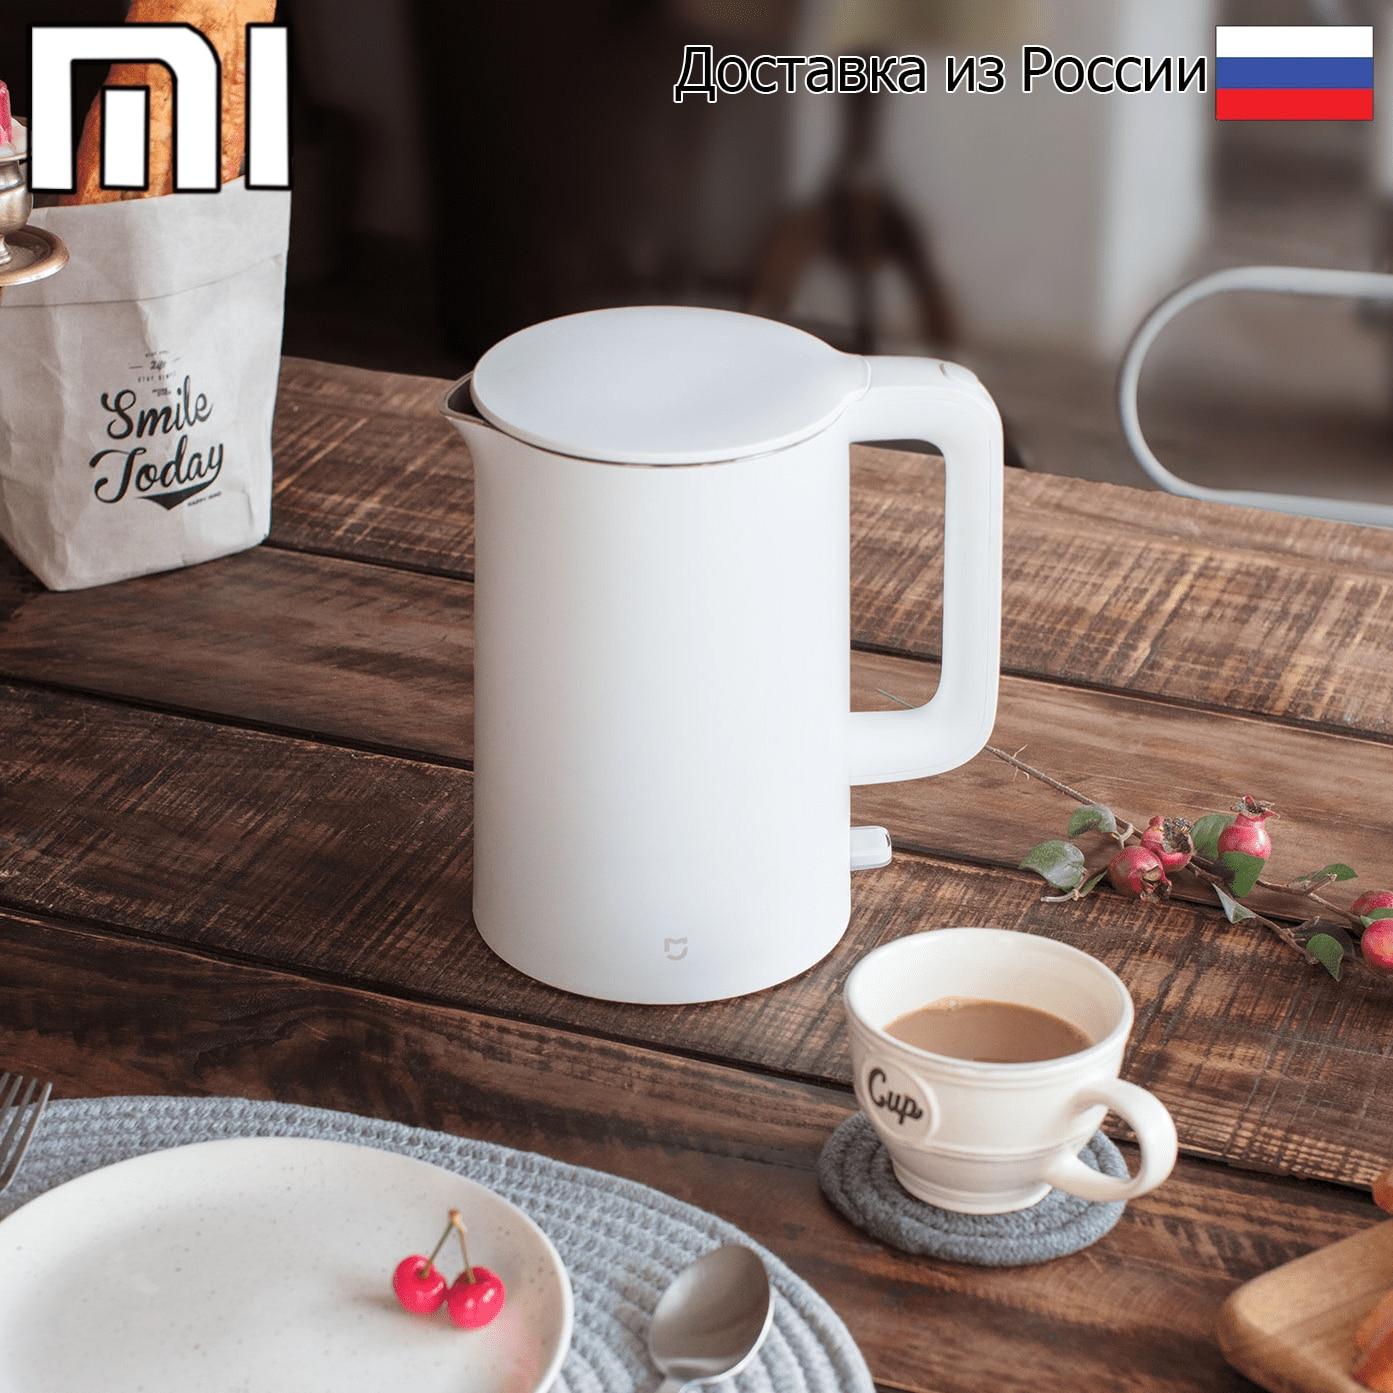 Чайник Xiaomi Mi Electric Kettle Mjdsh01Ym Мощность 1800 W, Объем 1.5 л, Блокировка крышки, блокировка F 00002477 Электрические чайники    АлиЭкспресс